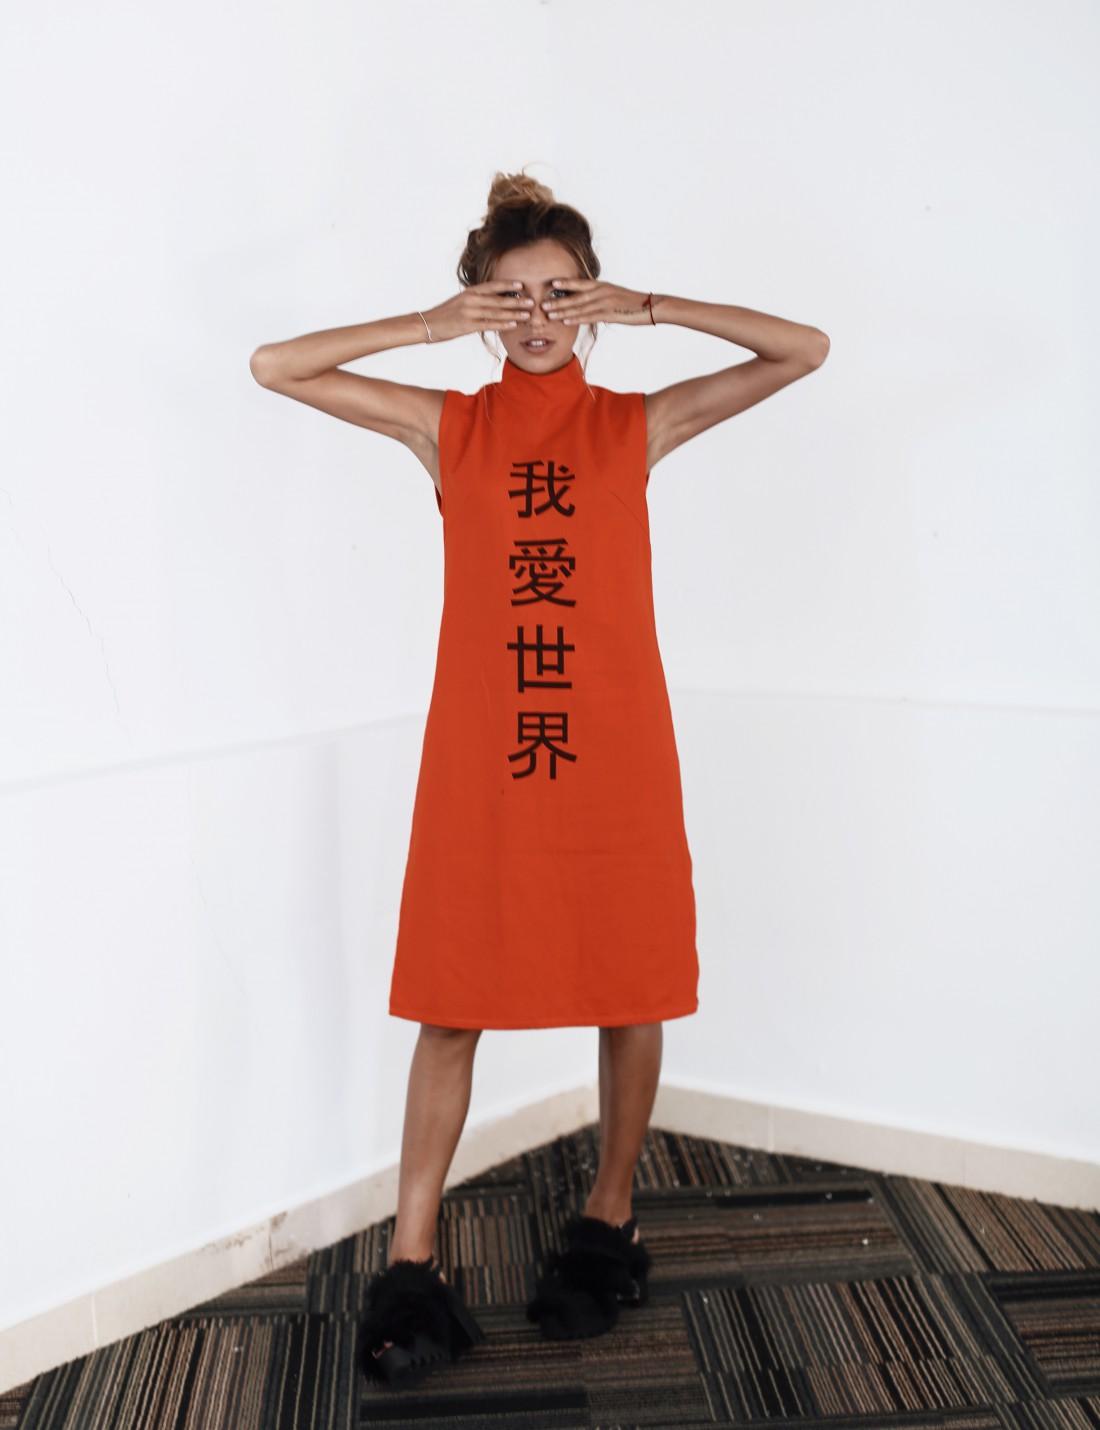 Регина Тодоренко: Азия – это совершенно другой мир, наполненный разными стилями